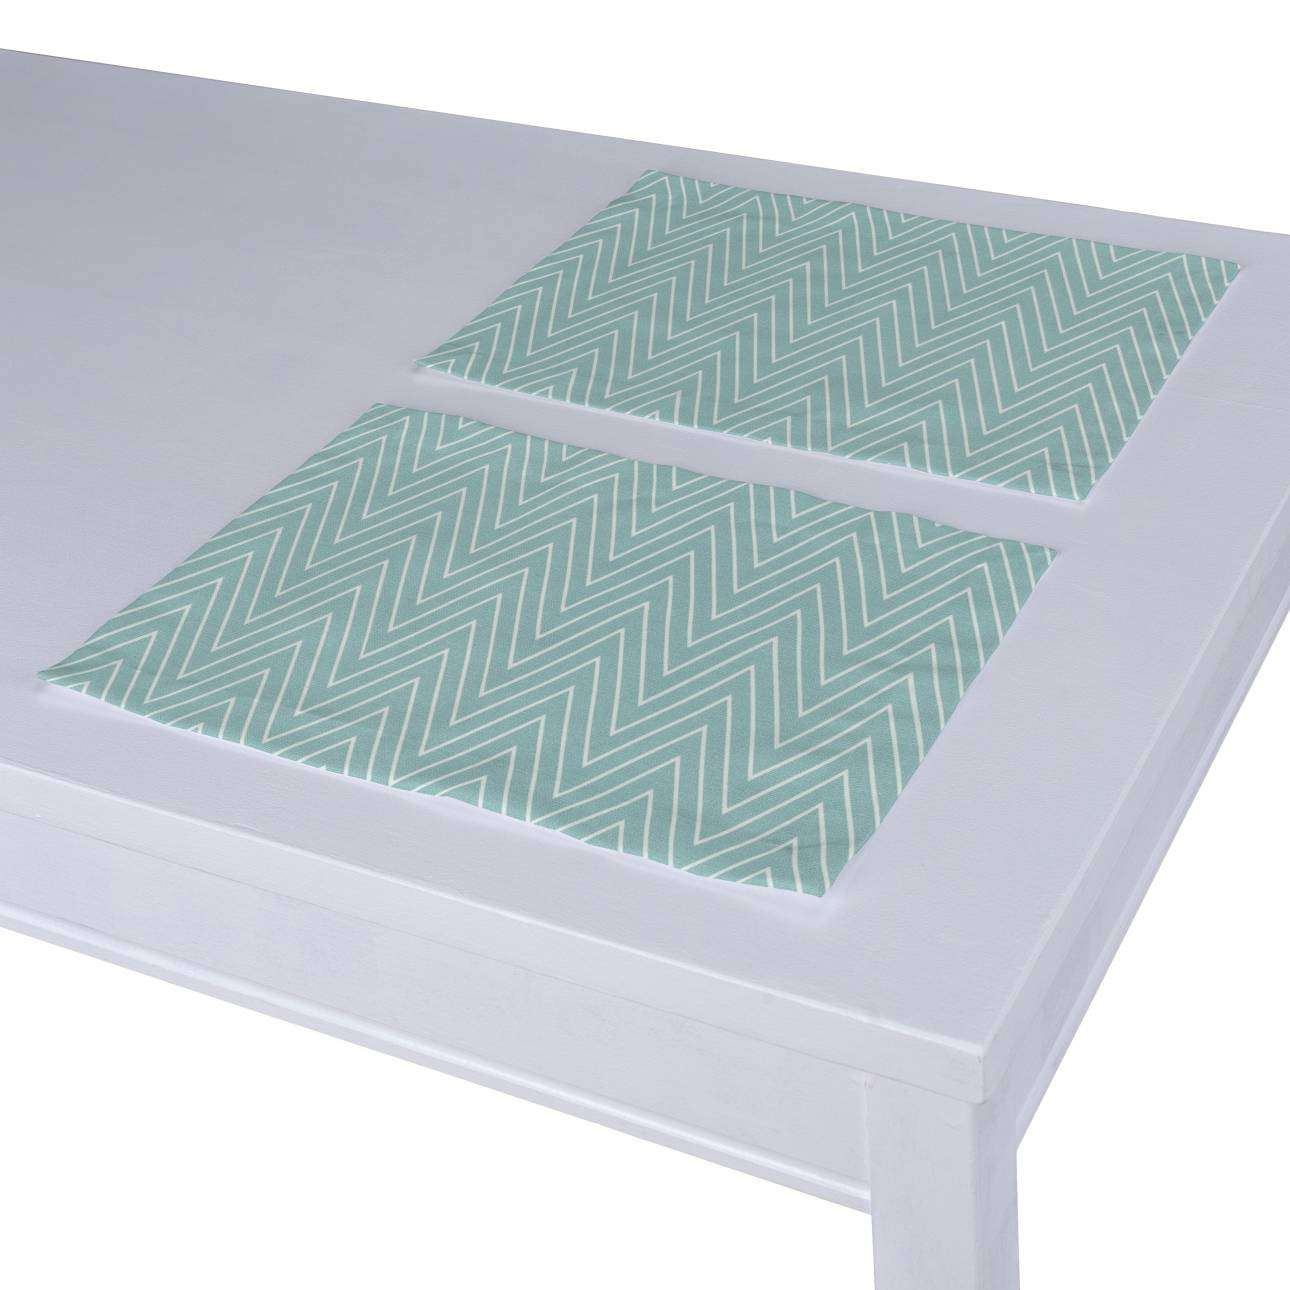 Tischset 2 Stck. 30 x 40 cm von der Kollektion Brooklyn, Stoff: 137-90